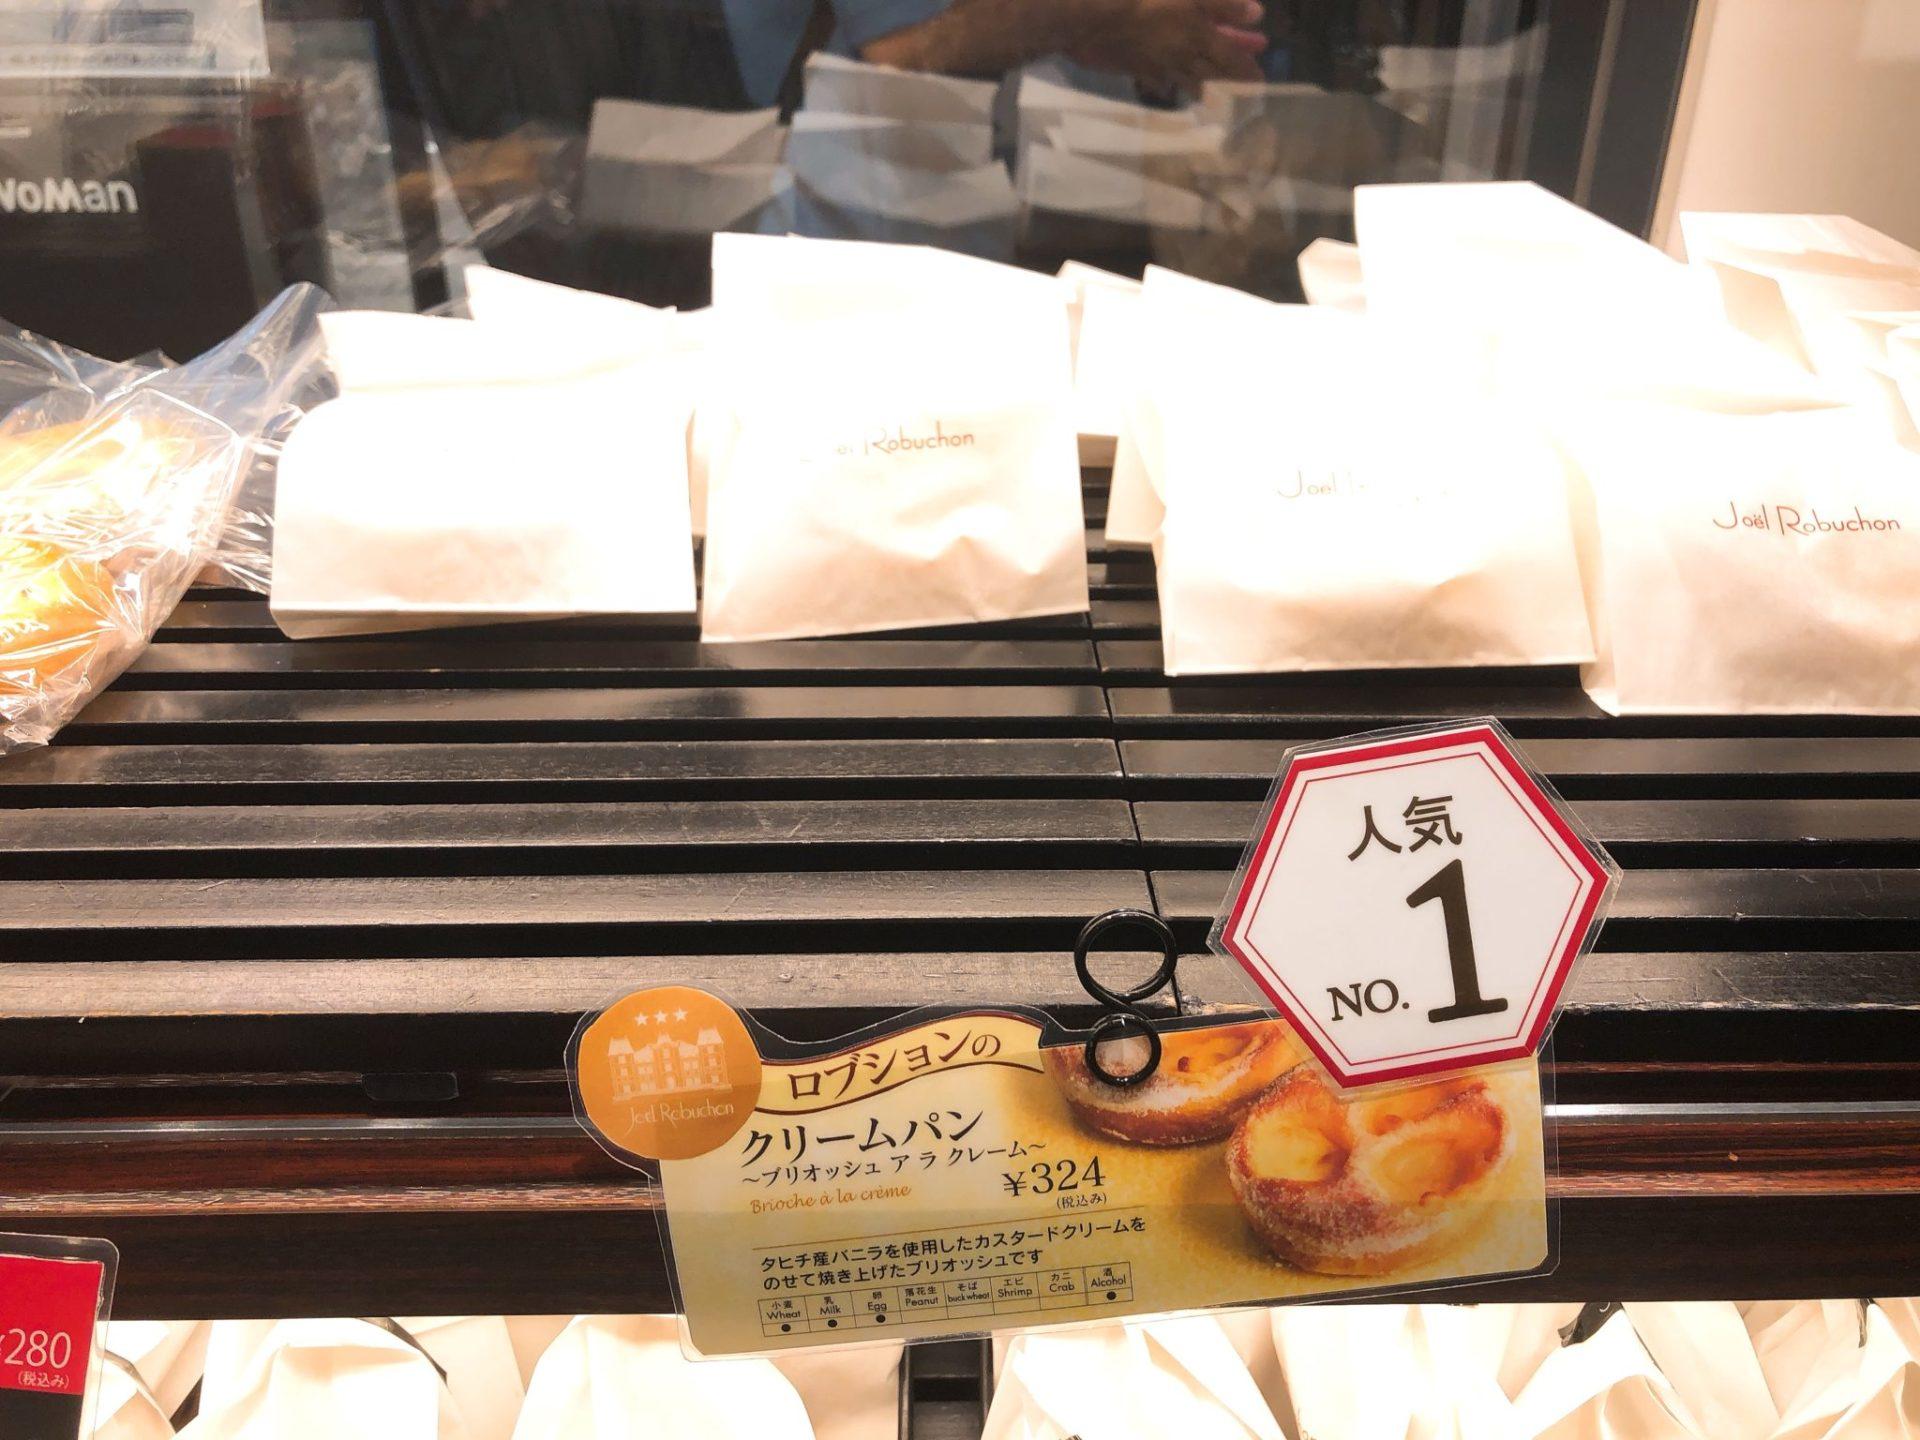 ル パン ドゥ ジョエル・ロブション ニュウマン新宿店のクリームパン